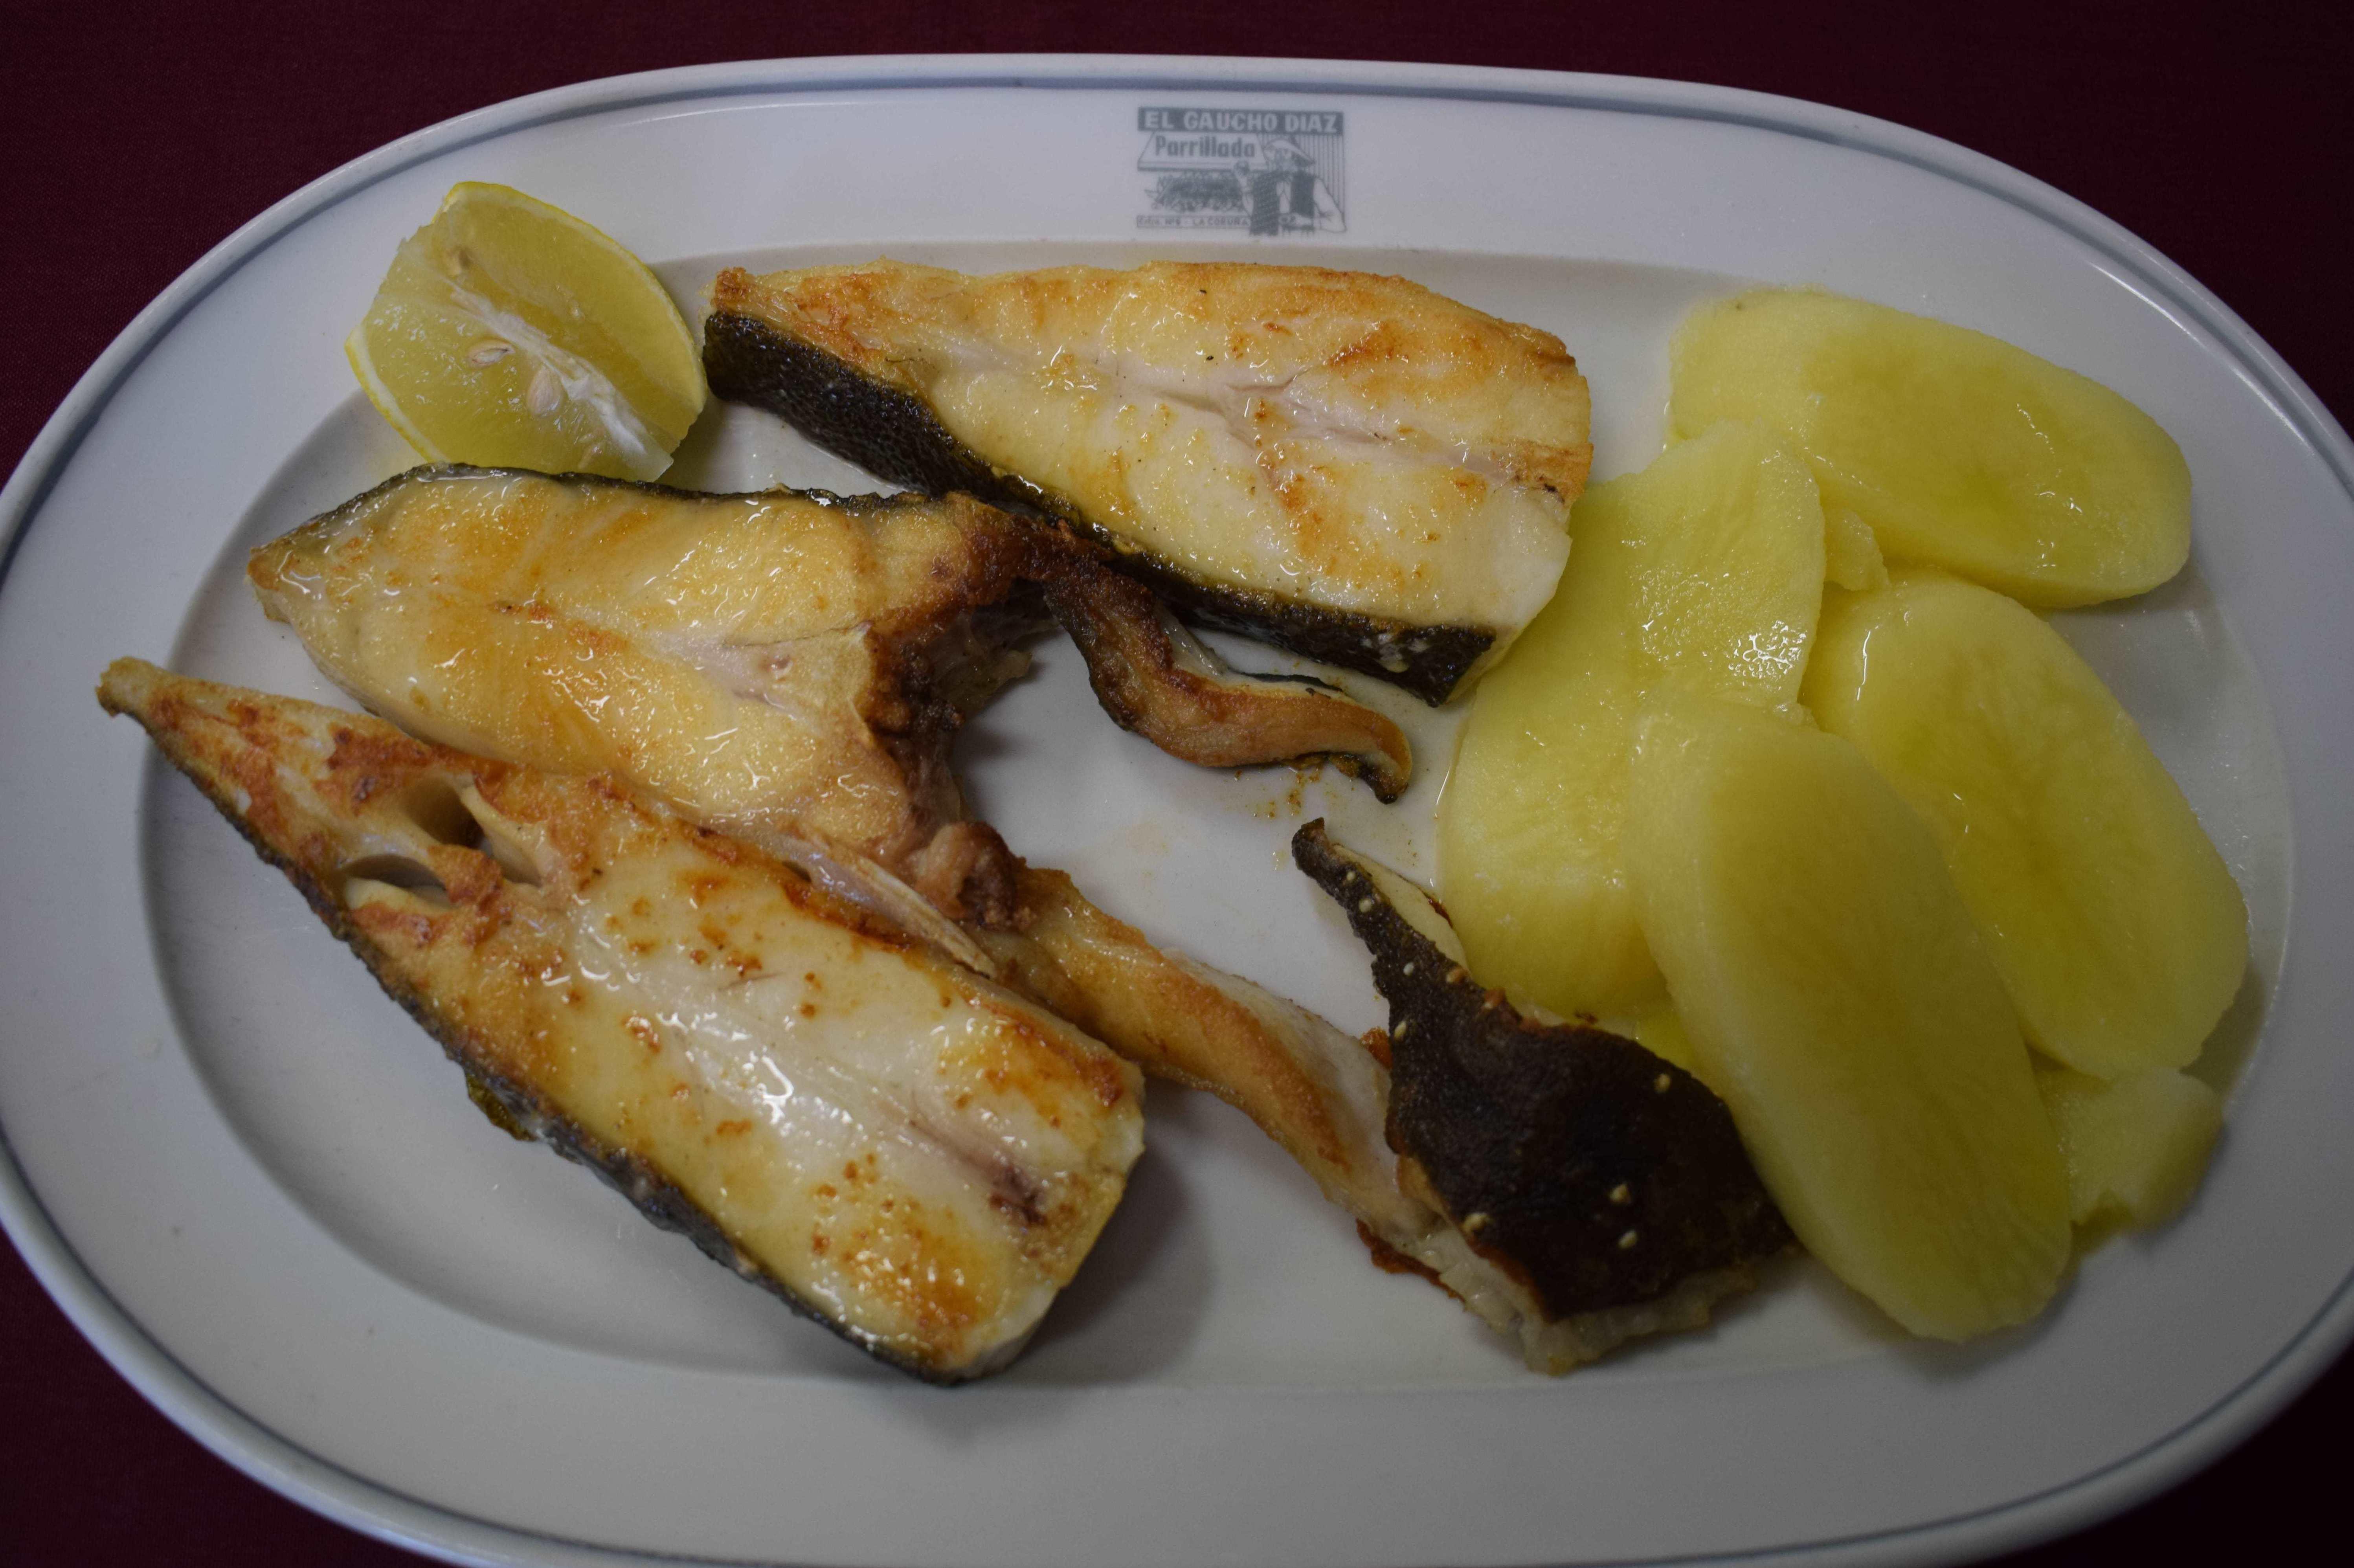 Foto 10 de Restaurante ubicado en A Coruña especialista en parrilladas en Cambre   Restaurante Parrillada El Gaucho Díaz I